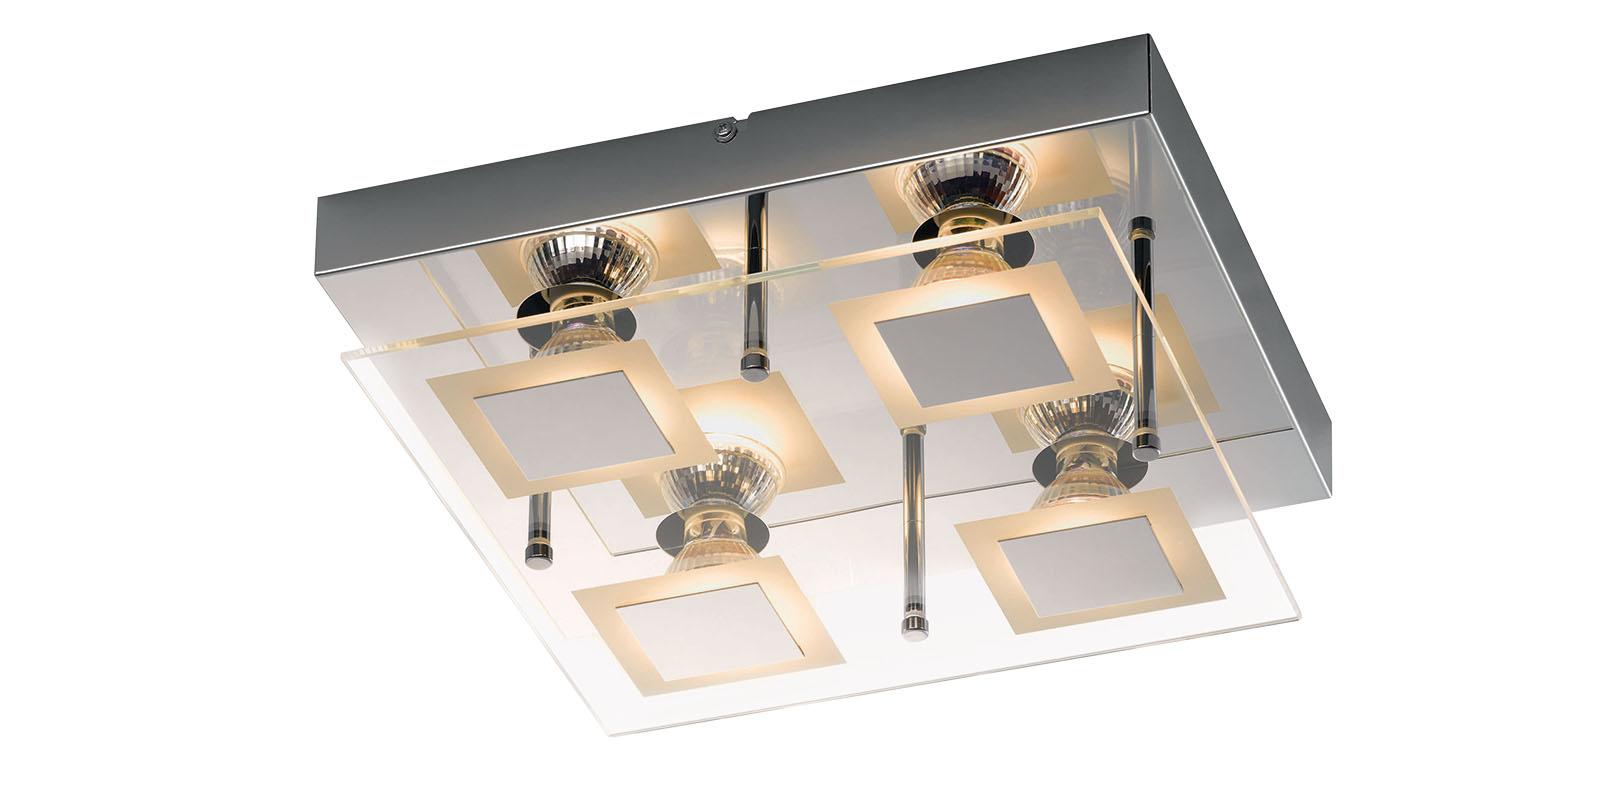 Deckenleuchte led 4 flammig eckig ean593 kratzer lampe for Led deckenlampe eckig